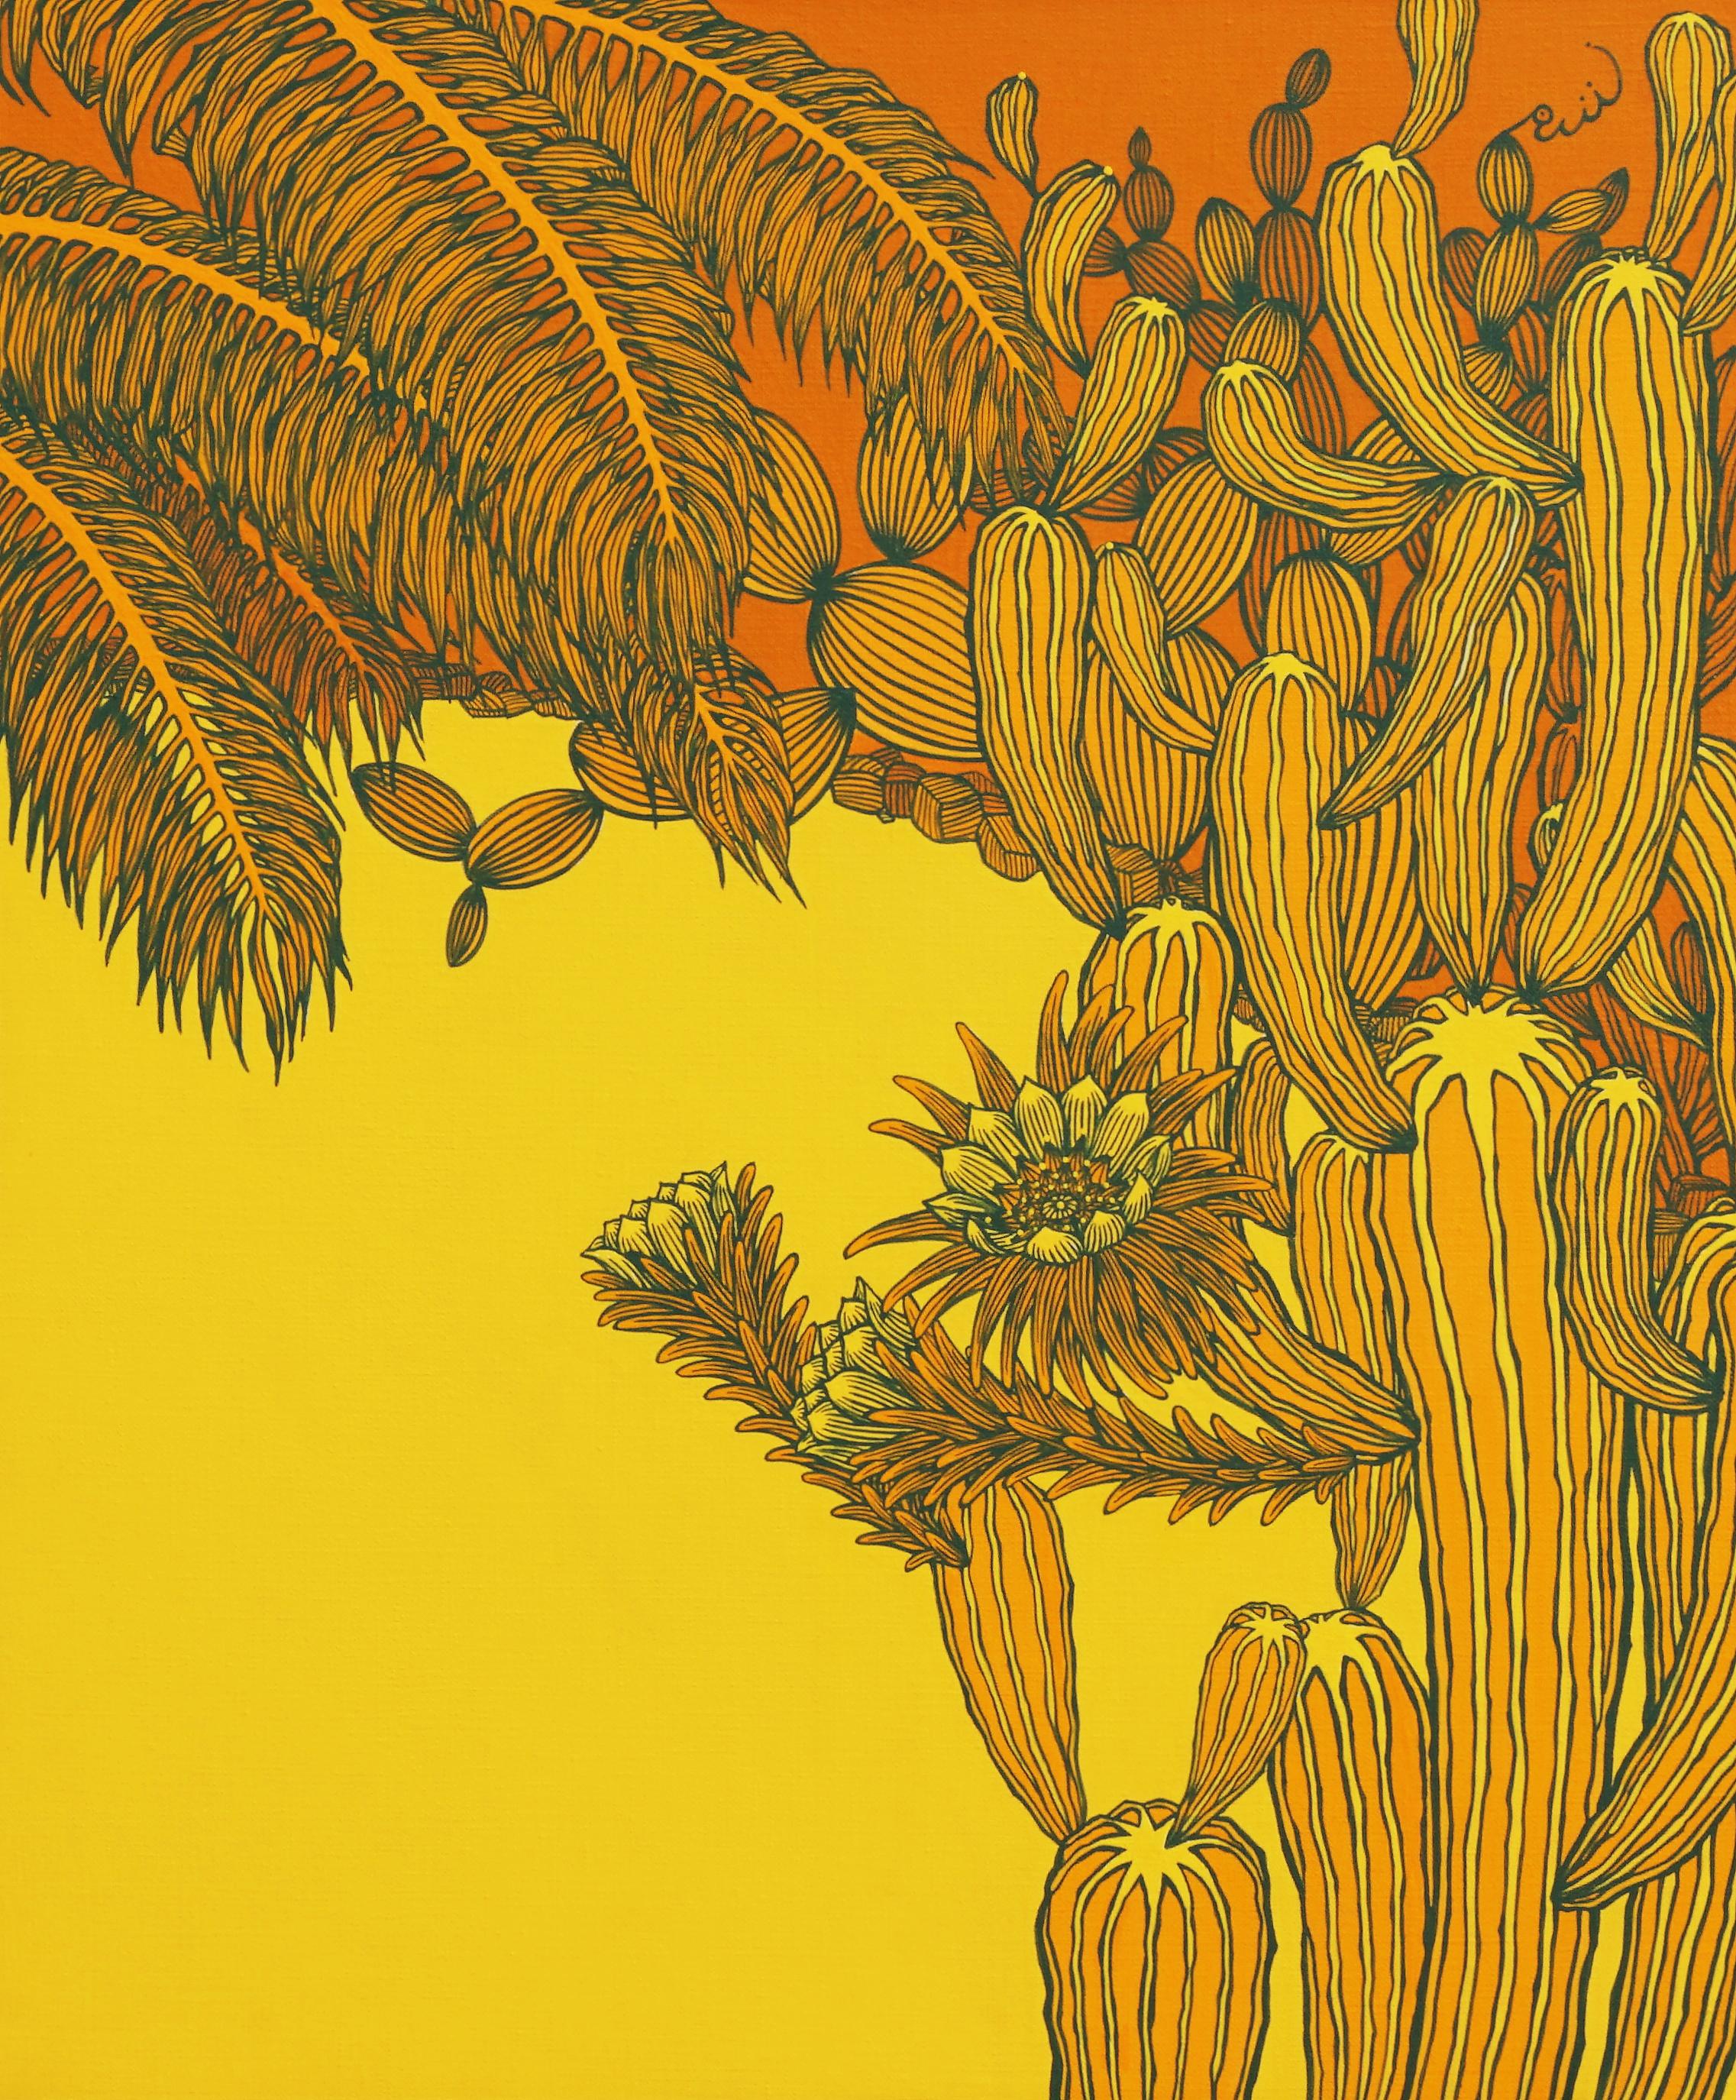 Cactus-longing374